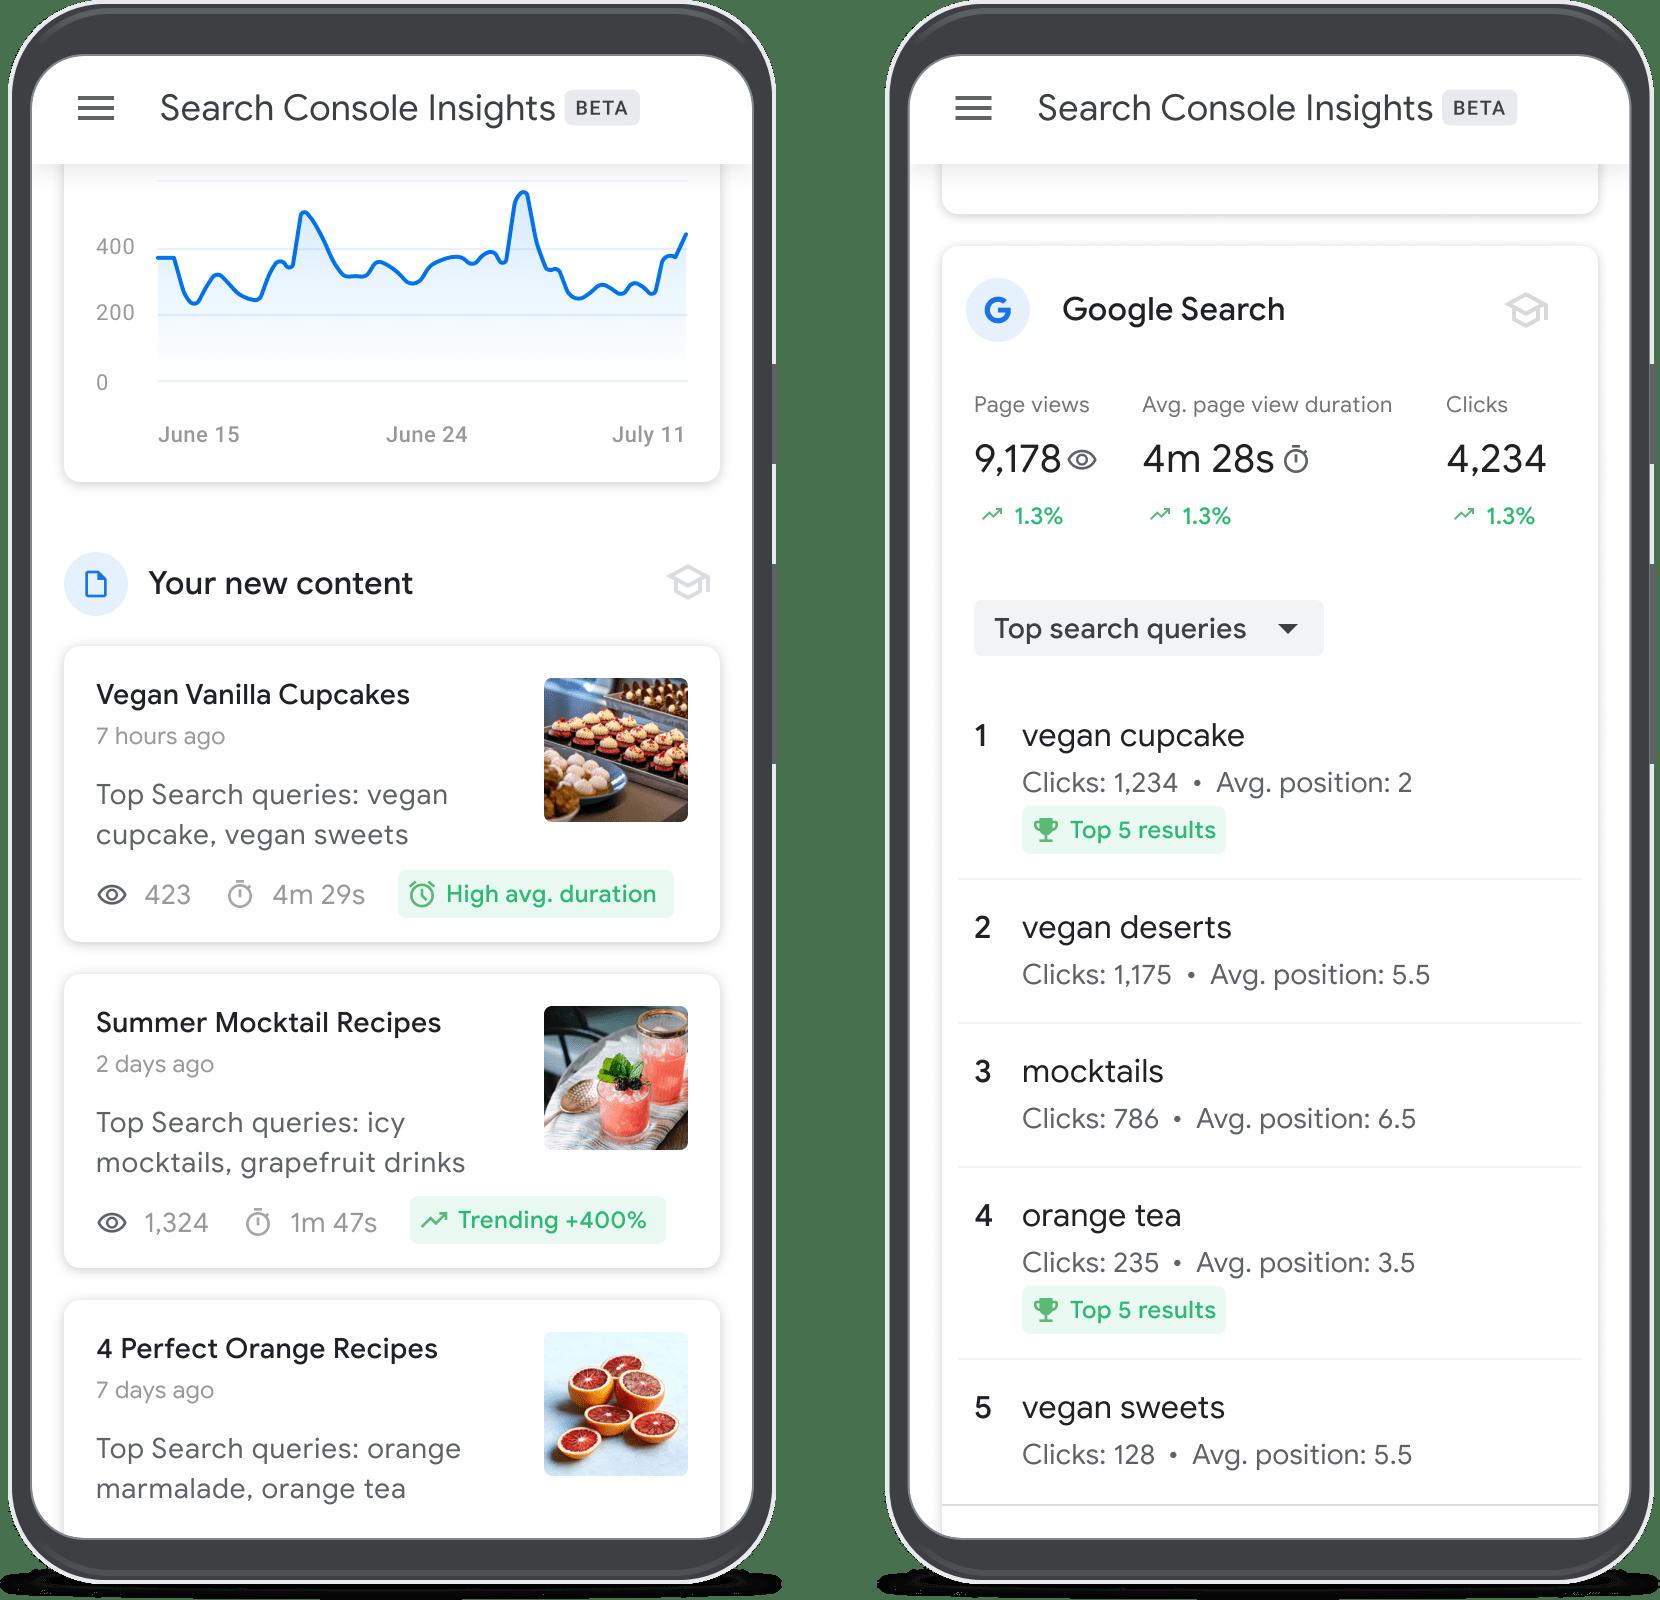 שיפור תוכן בקונסולת החיפוש של גוגל